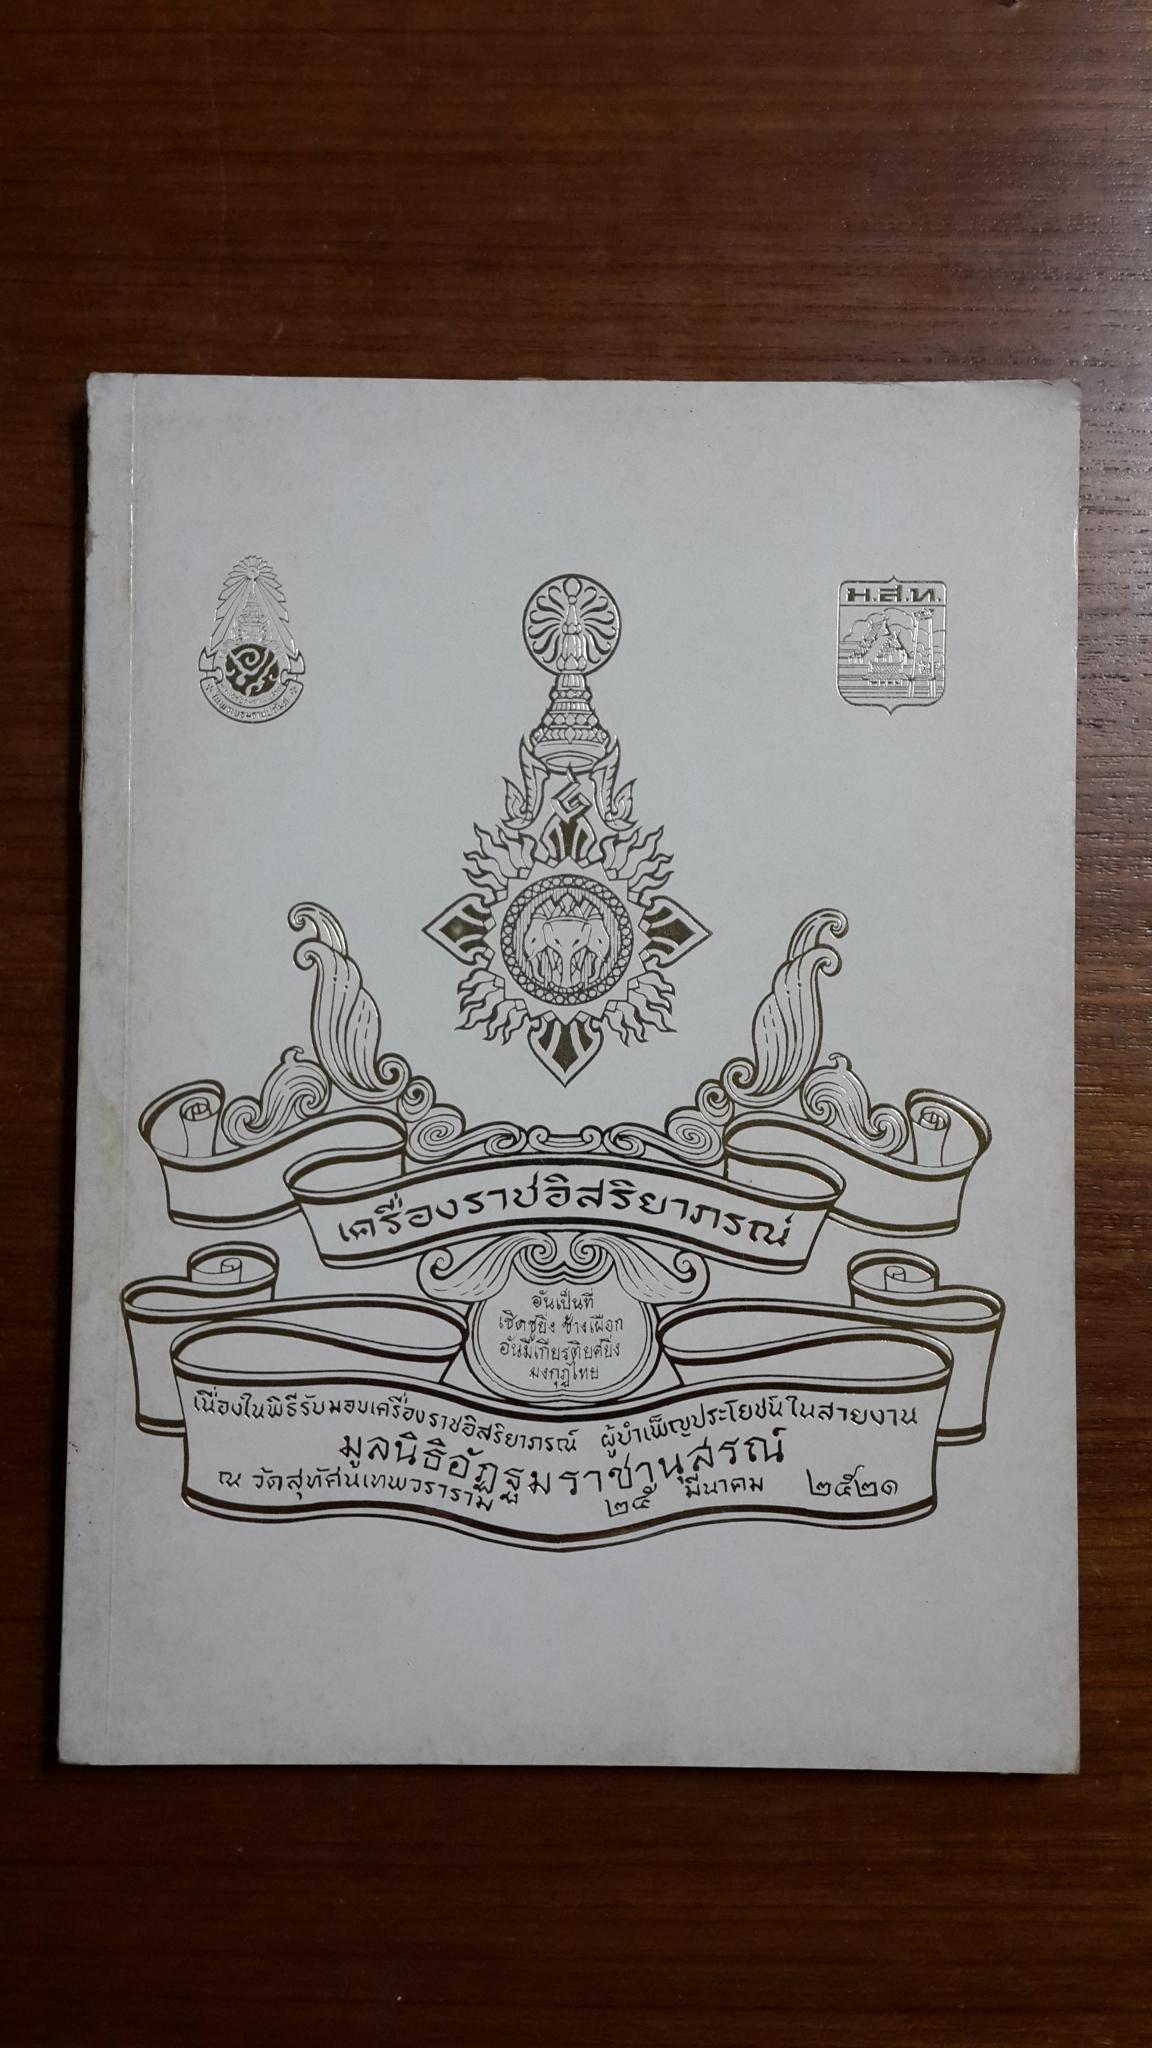 เครื่องราชอิสริยาภรณ์ เนื่องในพิธีรับมอบเครื่องราชอิสริยาภรณ์ ผู้บำเพ็ญประโยชน์ในสายงาน มูลนิธิอัฏฐมราชานุสรณ์ ๒๕๒๑